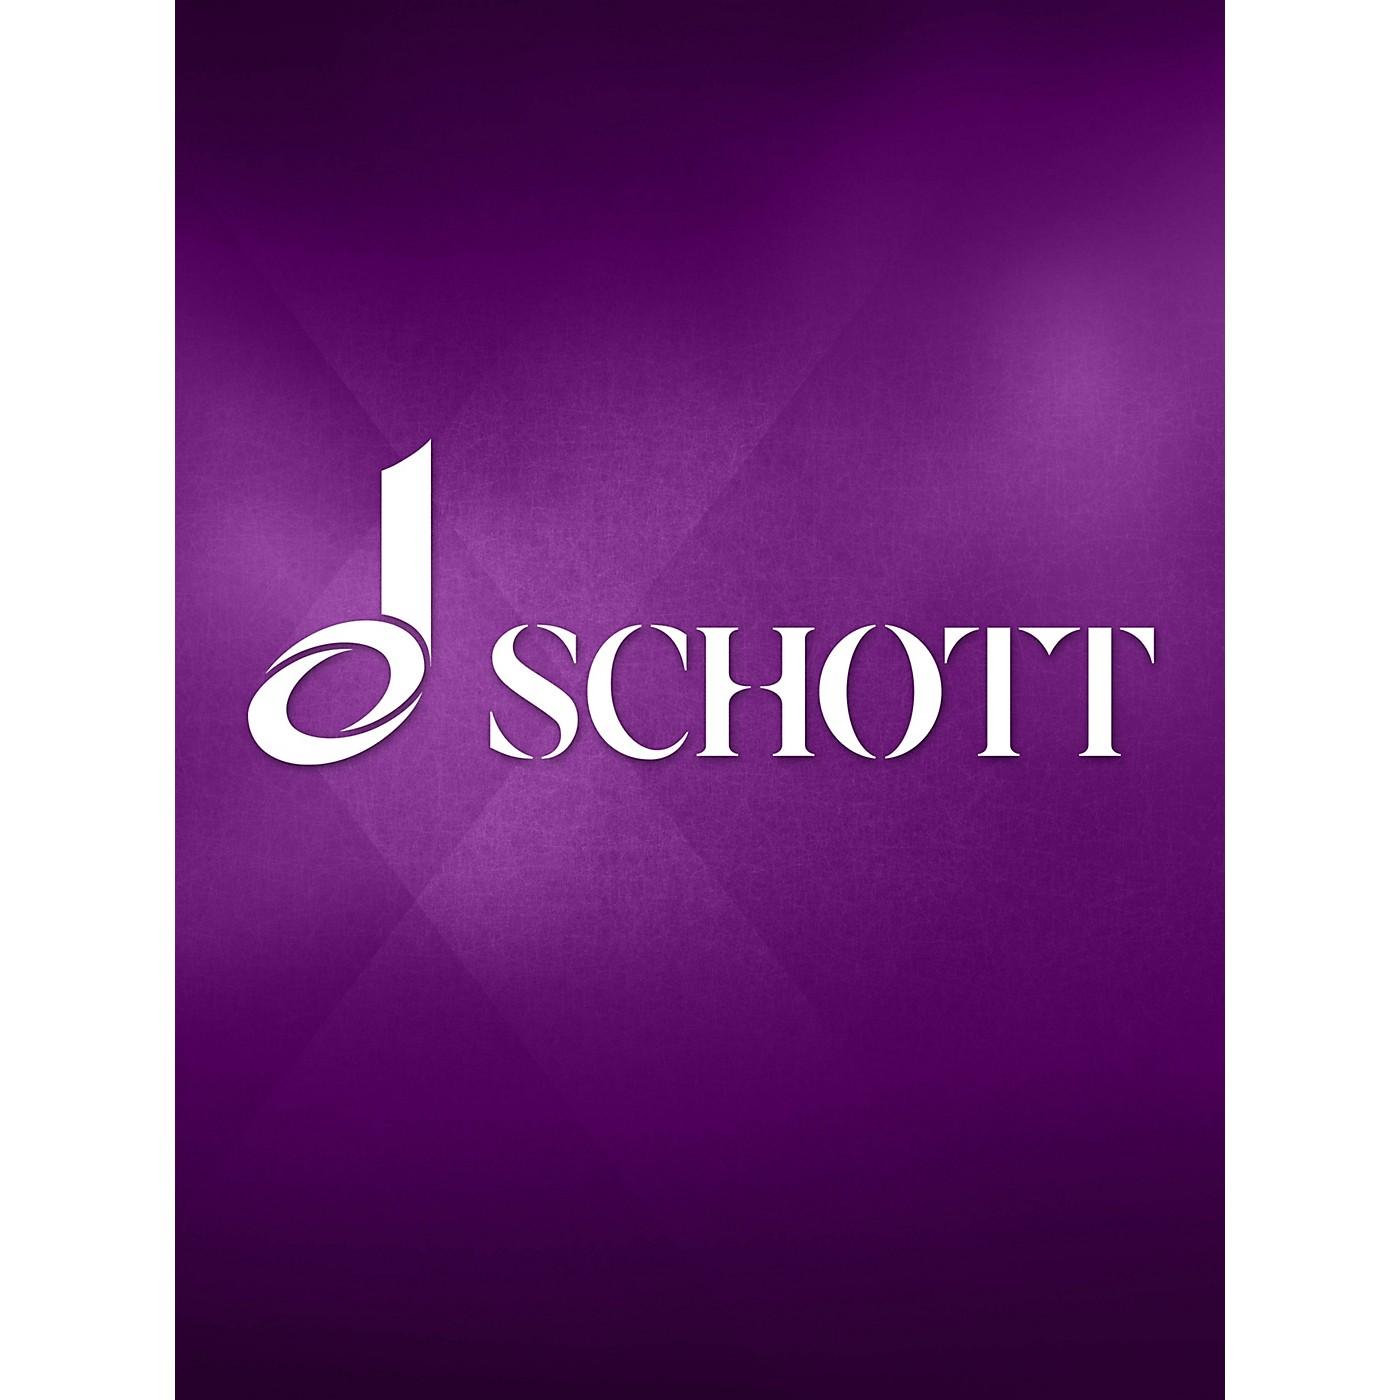 Schott 2 Original Compositions Schott Series by Henry Purcell Arranged by Walter Bergmann thumbnail